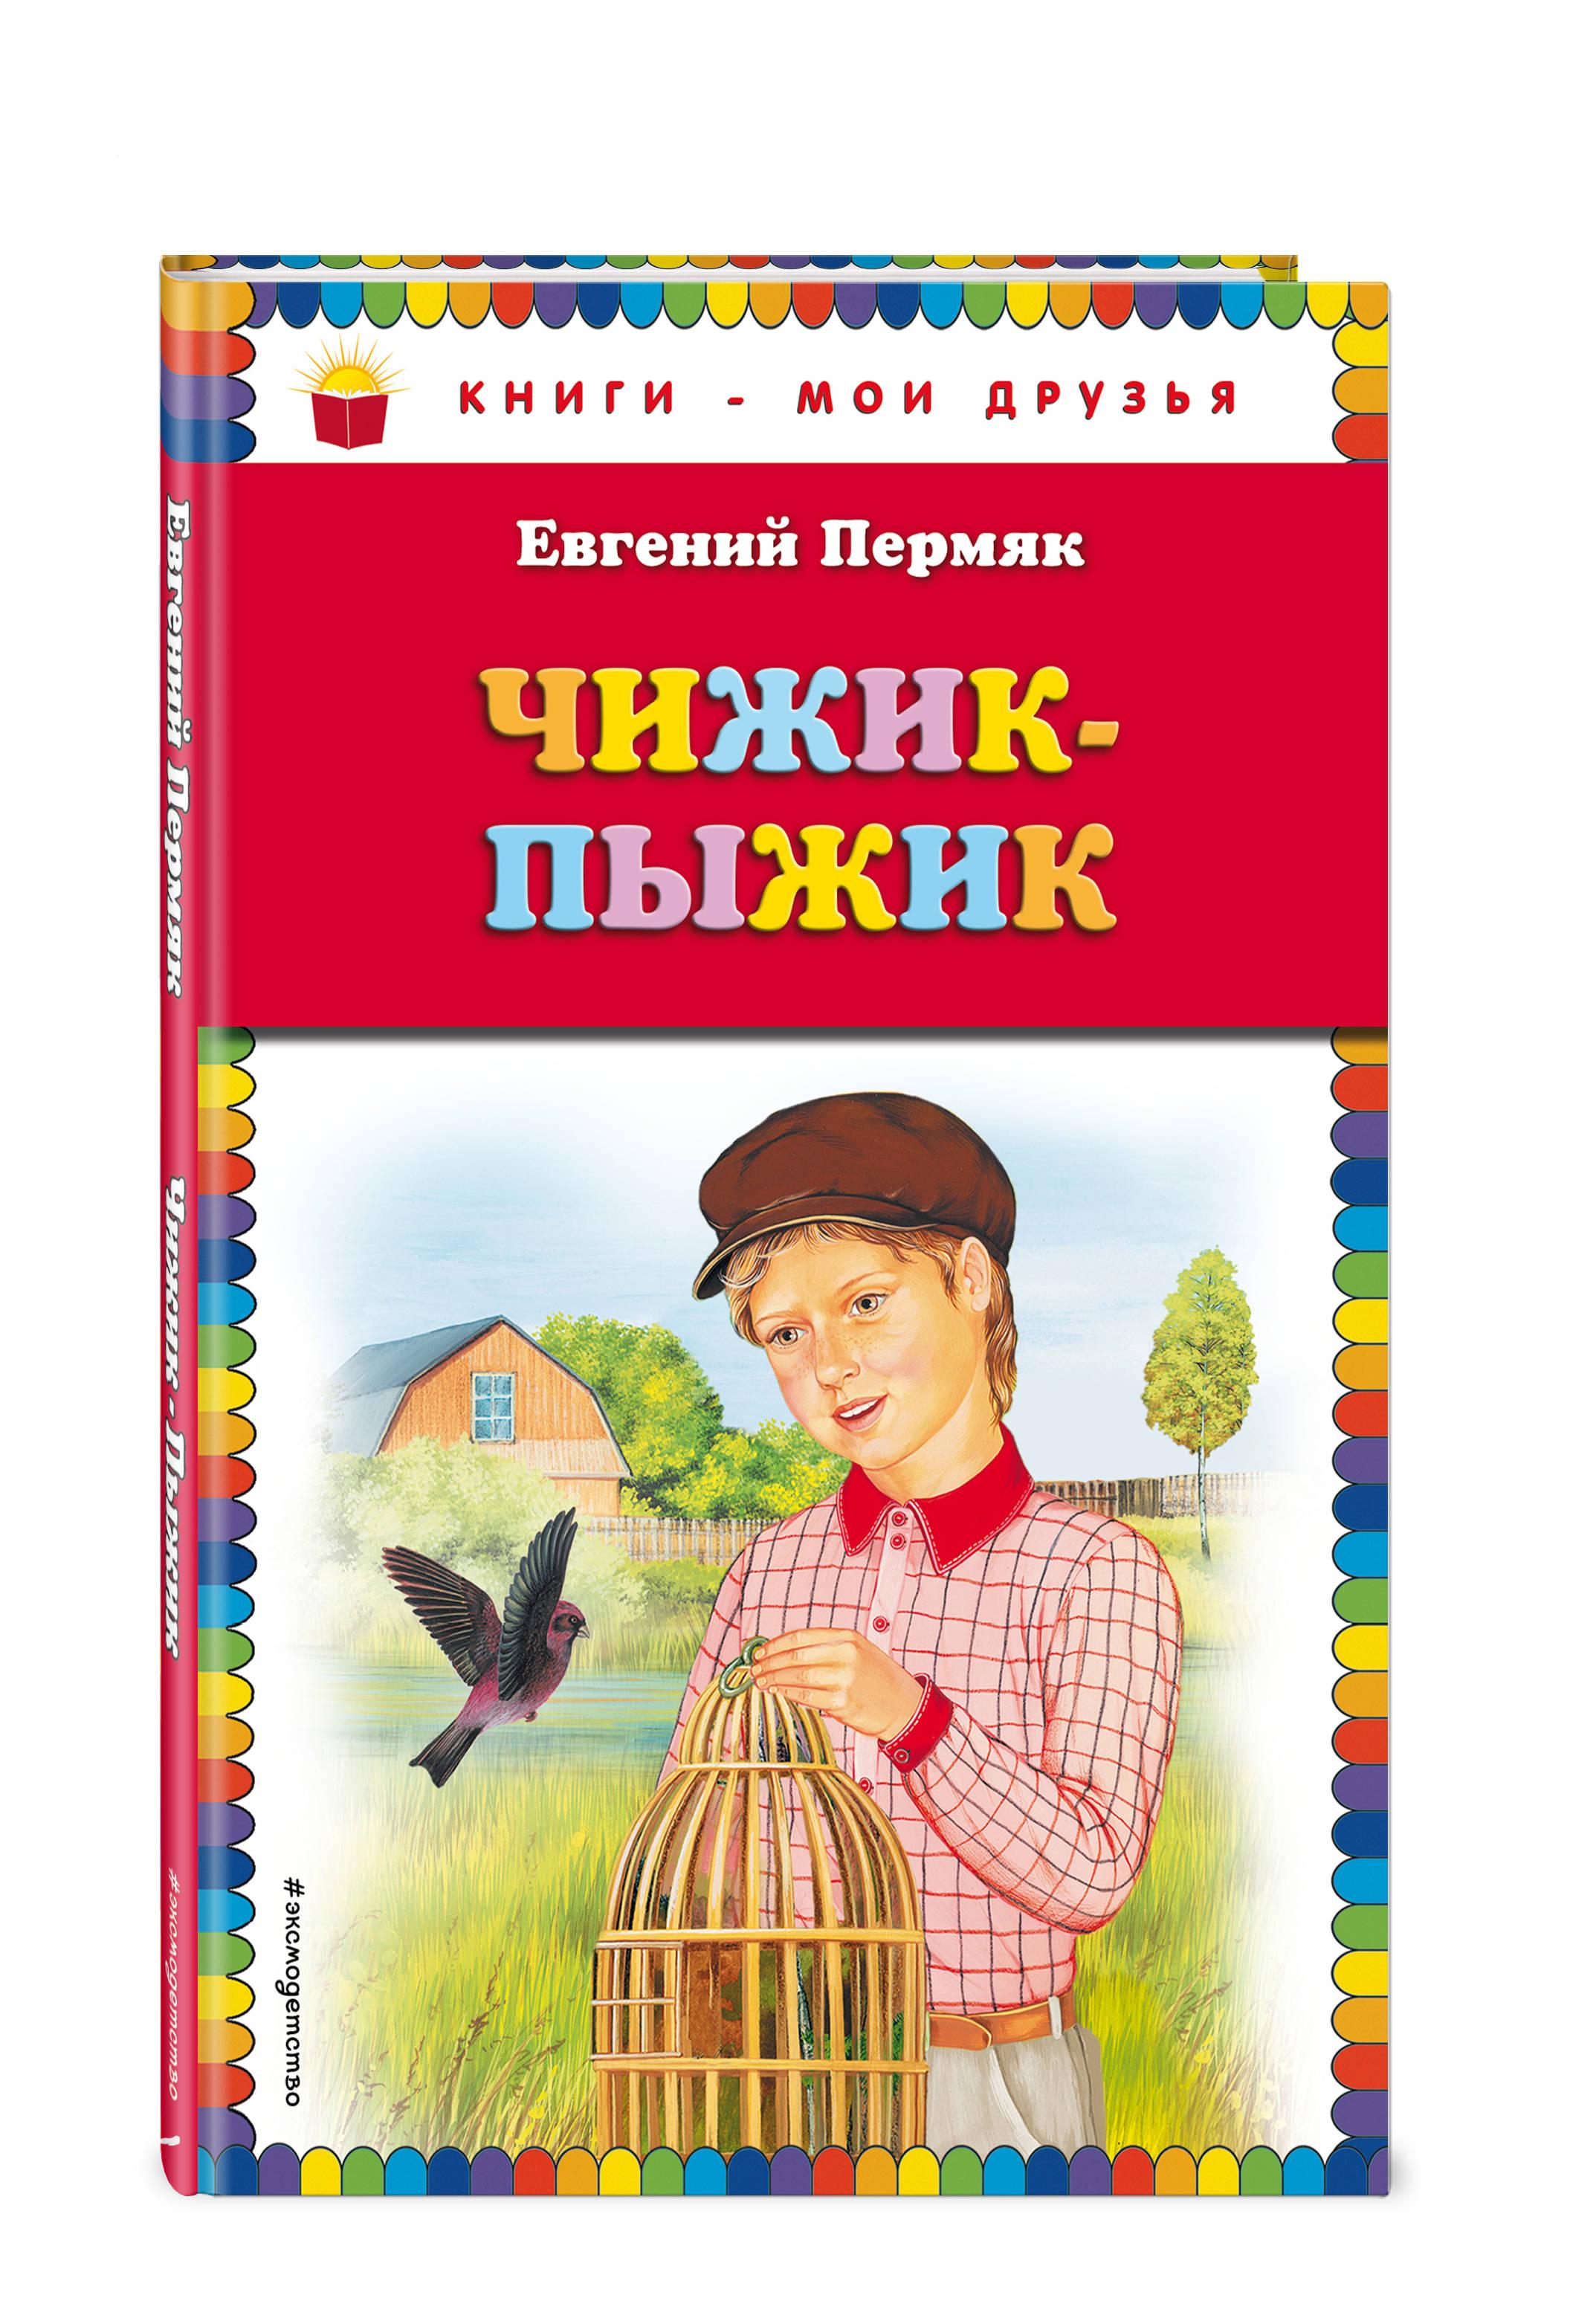 Евгений Пермяк Чижик-Пыжик федоров давыдов а ермолова е горький м чижик и пыжик